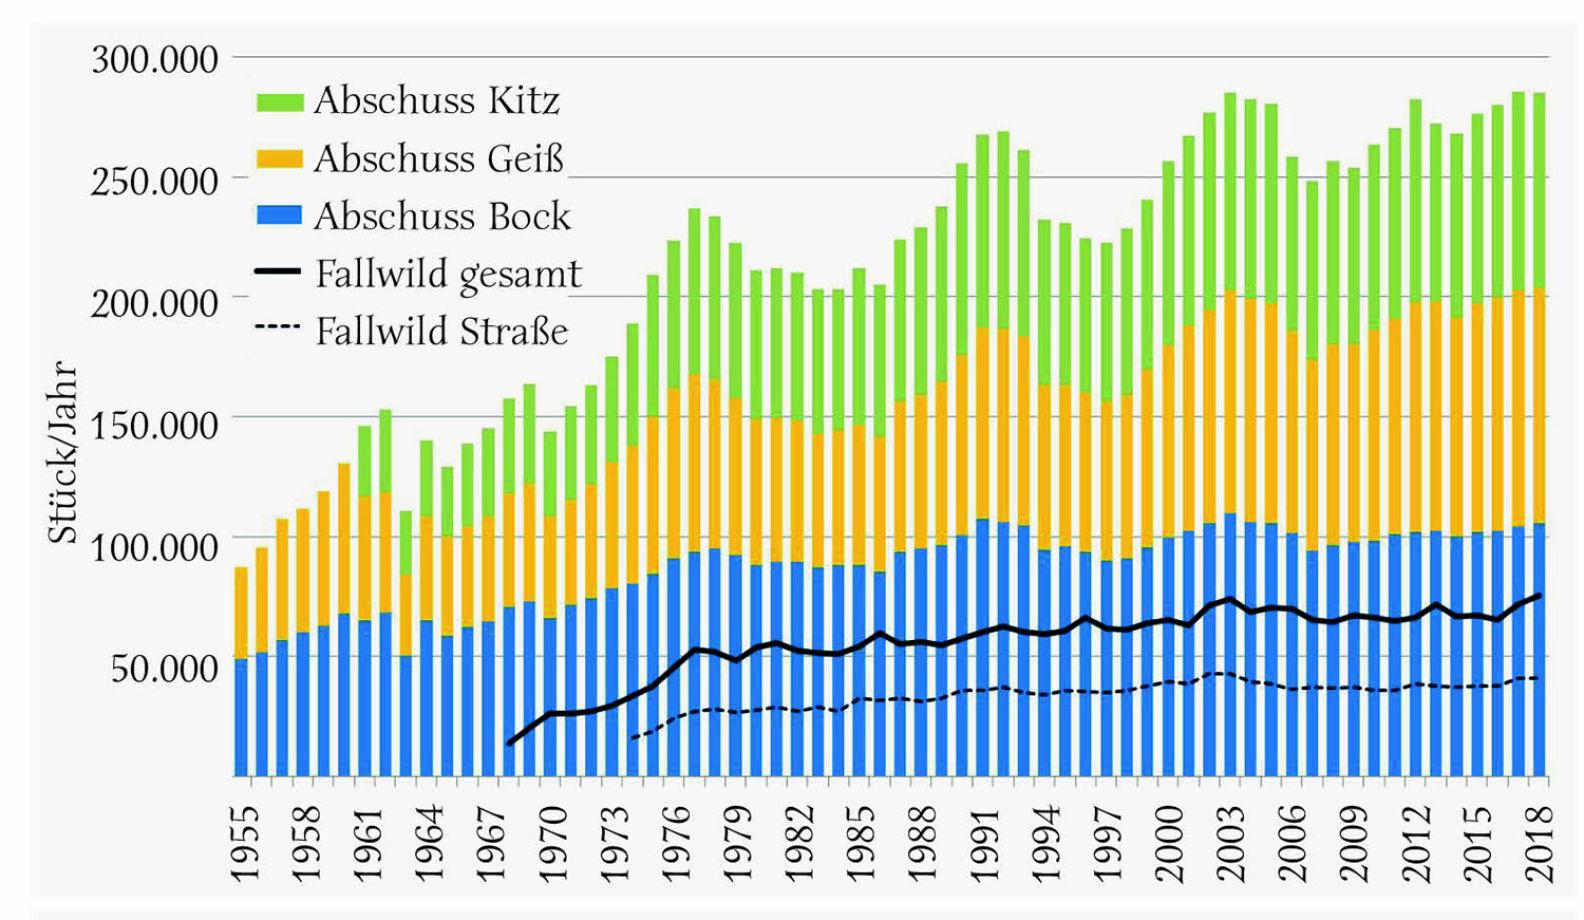 Abbildung 2 - Jährlicher Rehwildabschuss in Österreich von 1955 bis 2018 für Böcke, Geißen und Kitze (Kitze erst ab 1961 separat erfasst, vorher selten erlegt und bei Geißen dabei) sowie Fallwild gesamt seit 1968 und Verkehrsfallwild seit 1974. - © Grafik Reimoser